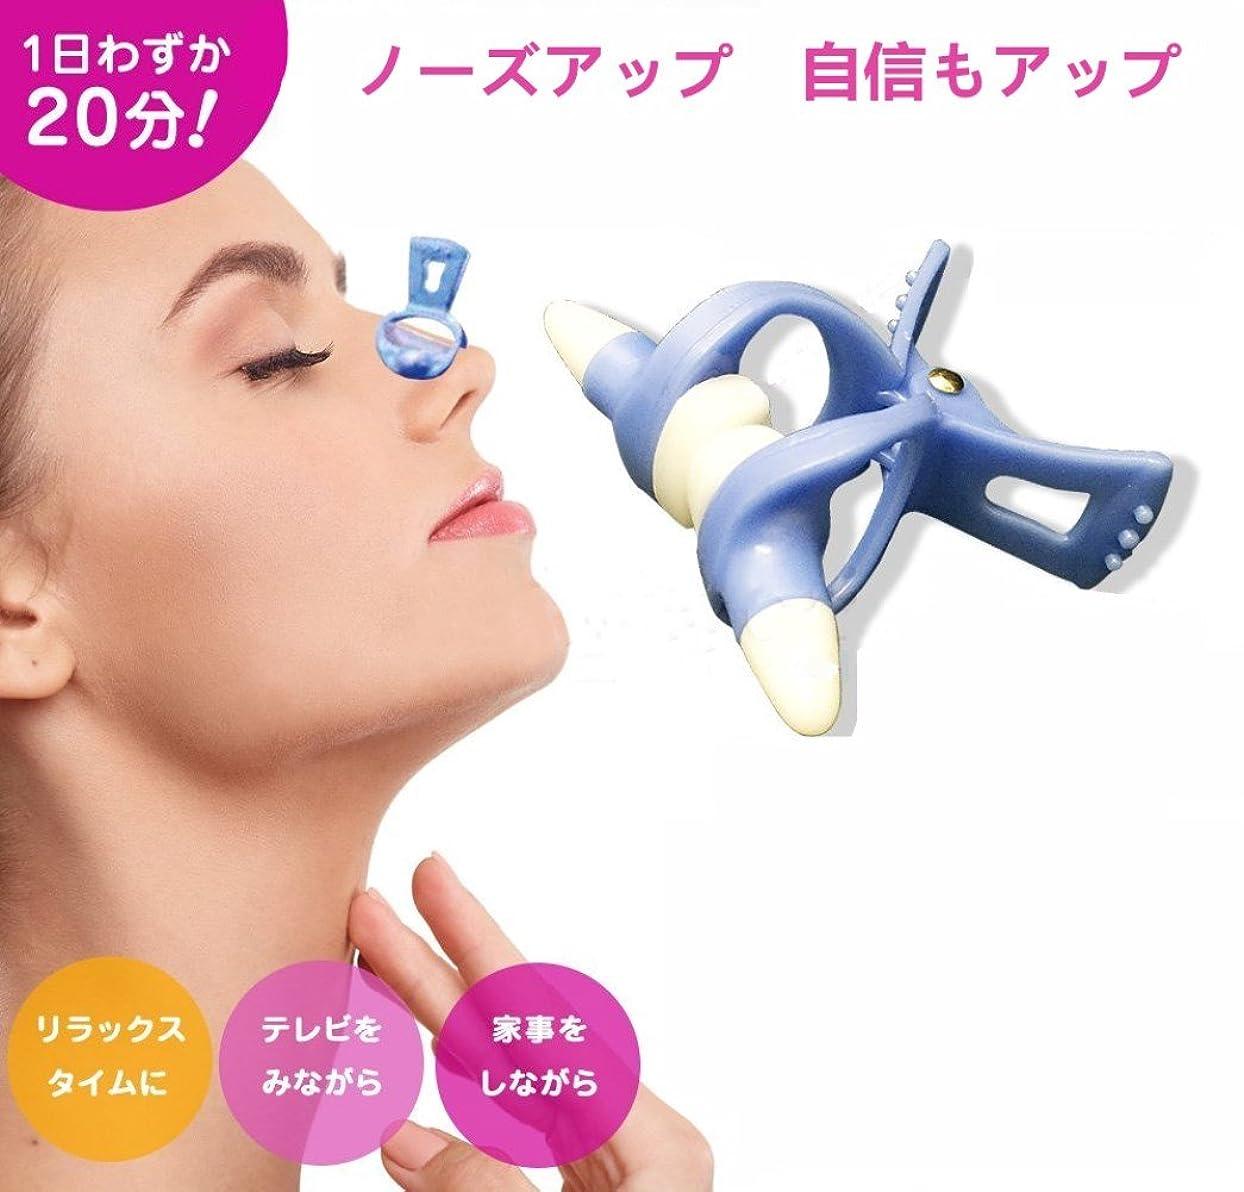 透明に比較的ウサギノーズアップ ノーズクリップ Vicona鼻クリップ 美鼻 鼻筋矯正 鼻プチ プチ整形 鼻筋セレブ 抗菌シリコンで  柔らか素材で痛くない 肌にやさしい